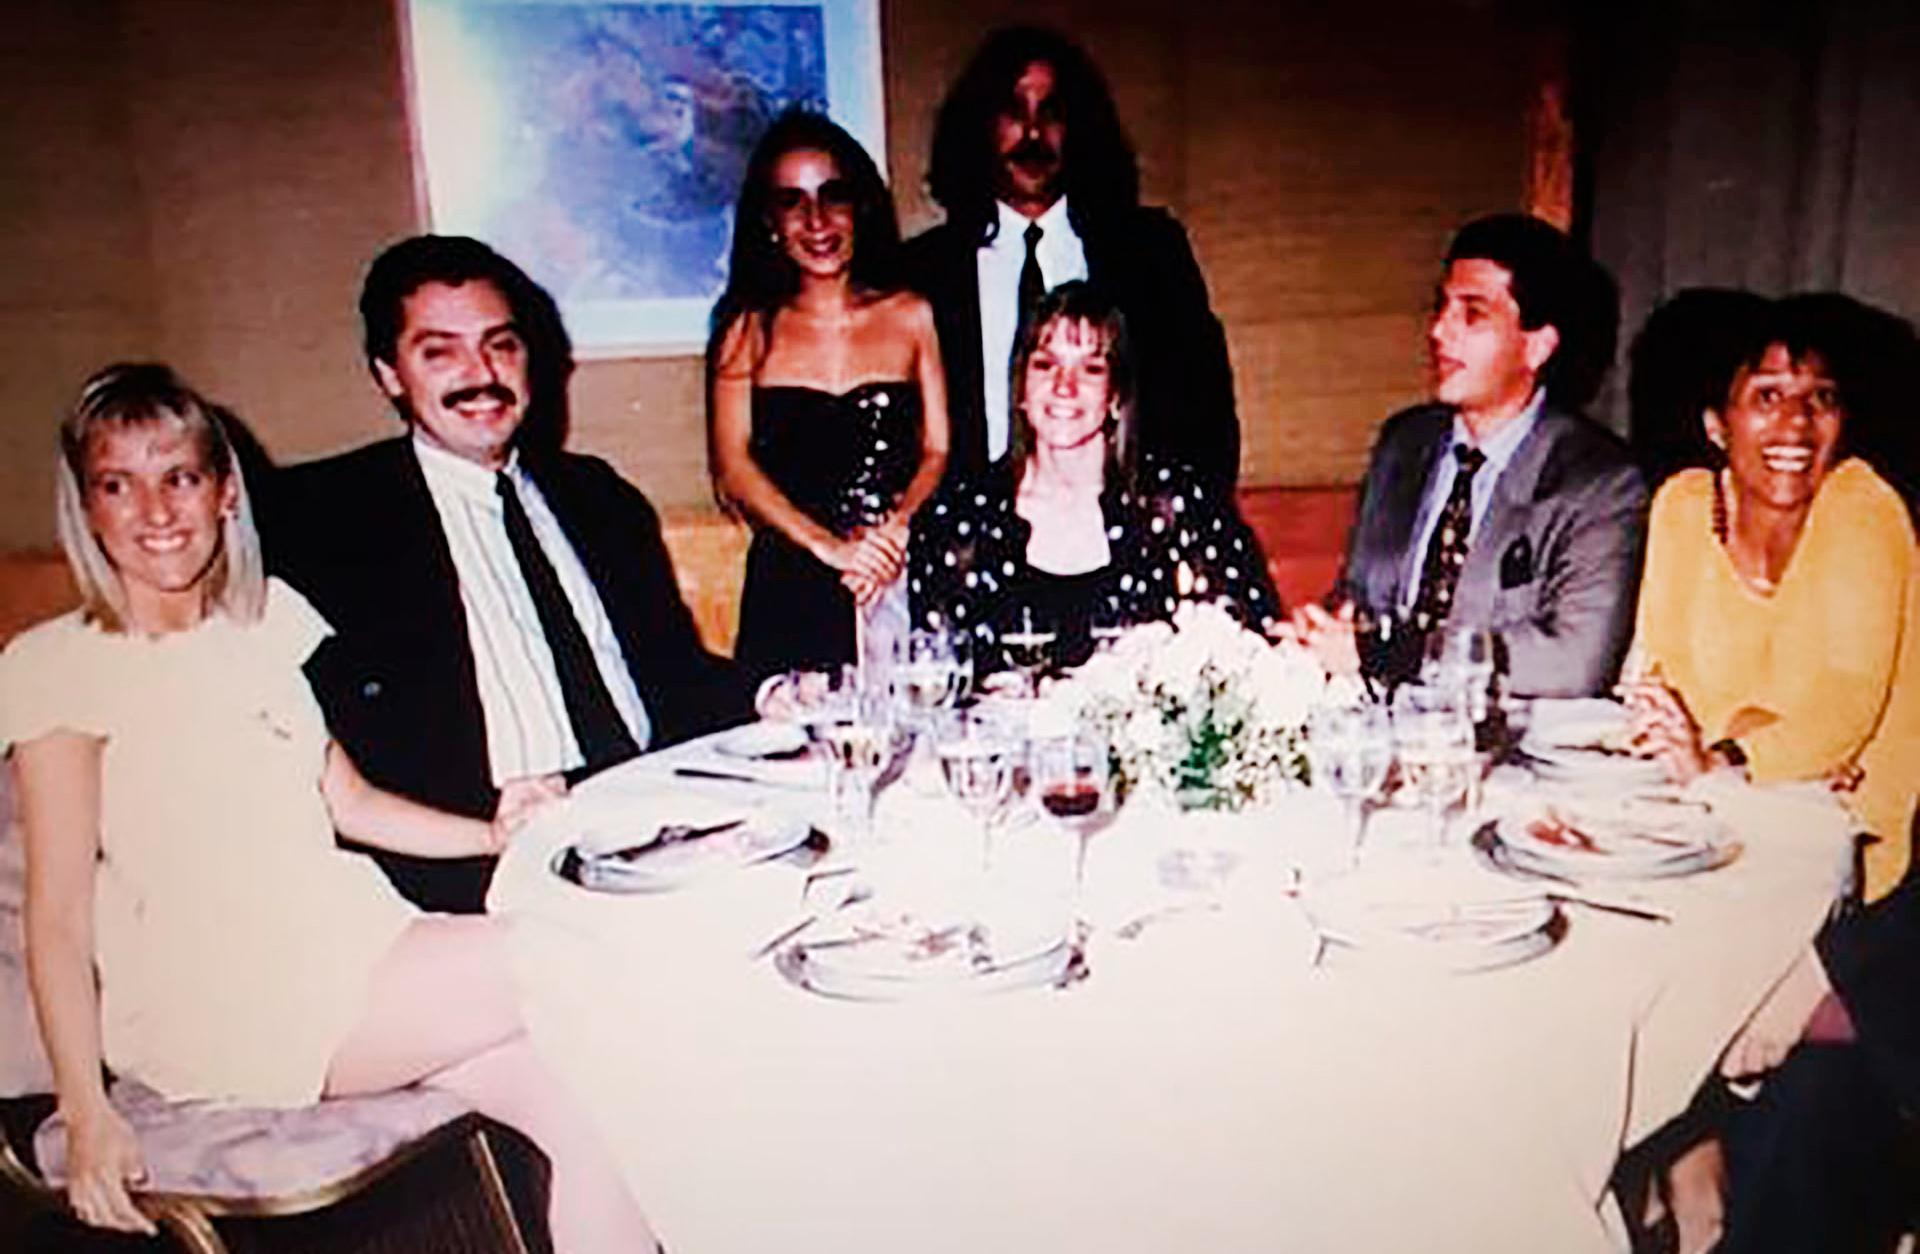 En 1993 se casó con la abogada Marcela Luchetti, madre de su único hijo, Estanislao. El matrimonio duró ocho años.